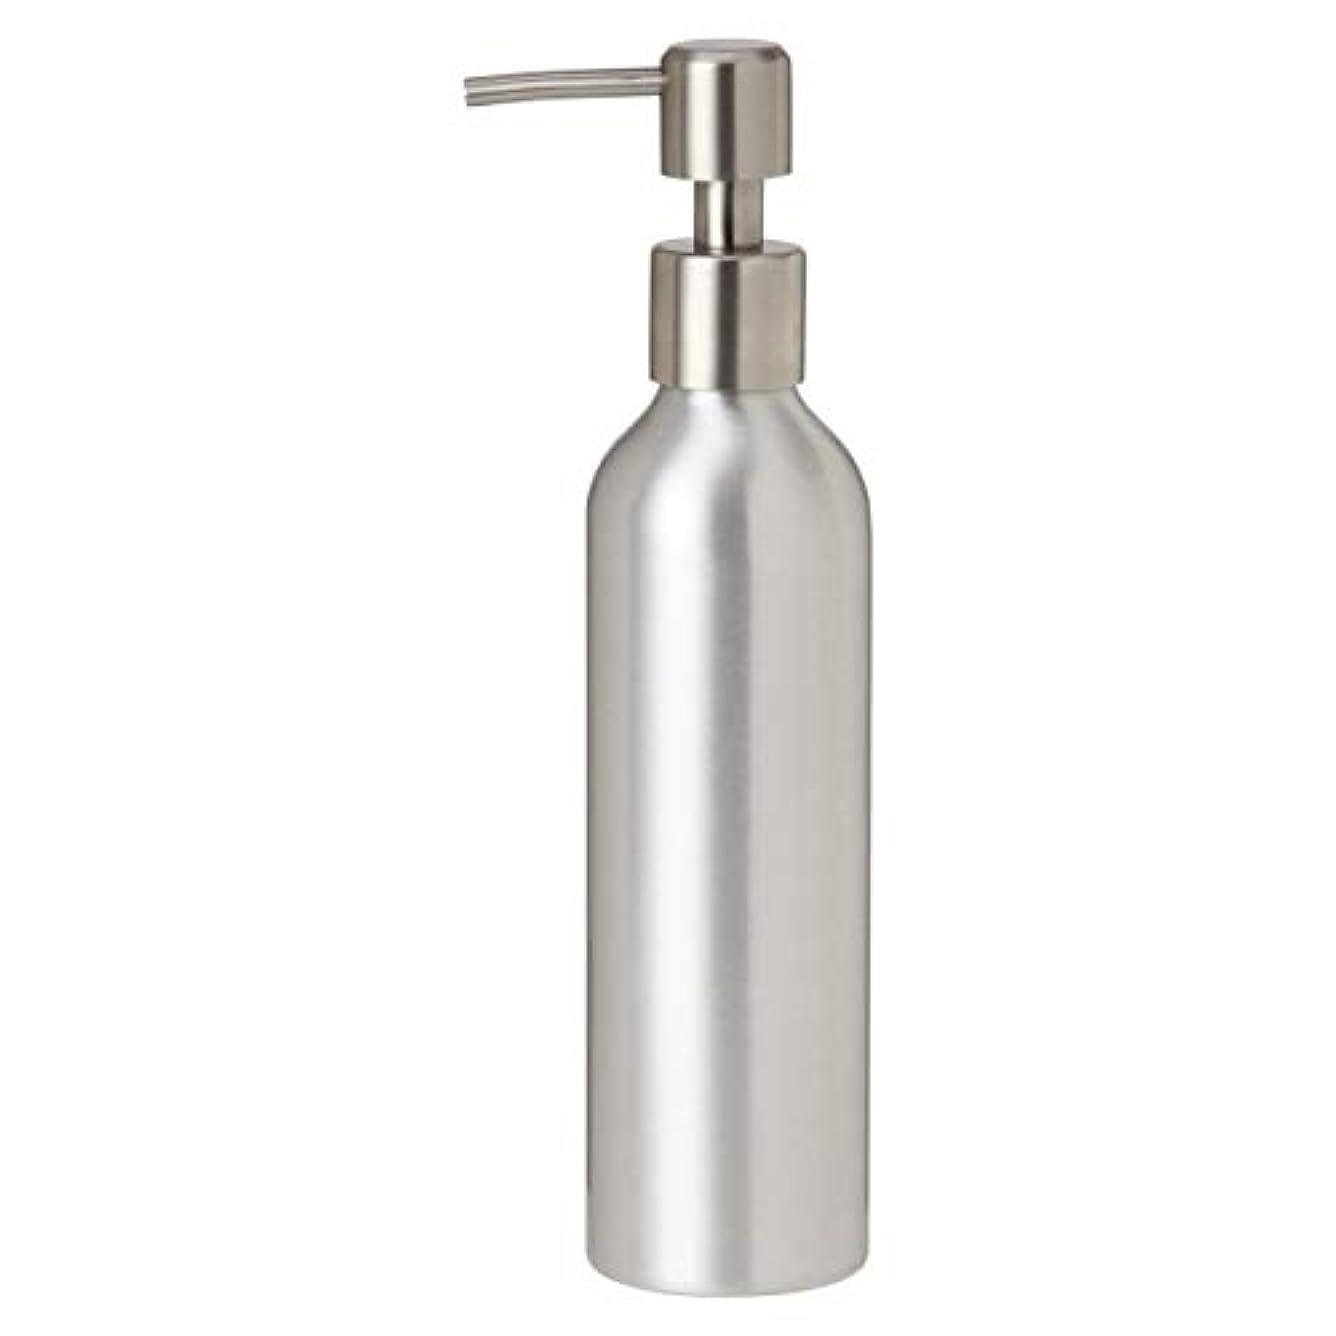 広く買う生産性アルミポンプボトル 250mL [ オイルウォーマー オイルトリートメント オイルボトル マッサージオイル アロママッサージオイル ボディマッサージオイル ボディオイル アロマオイル ]